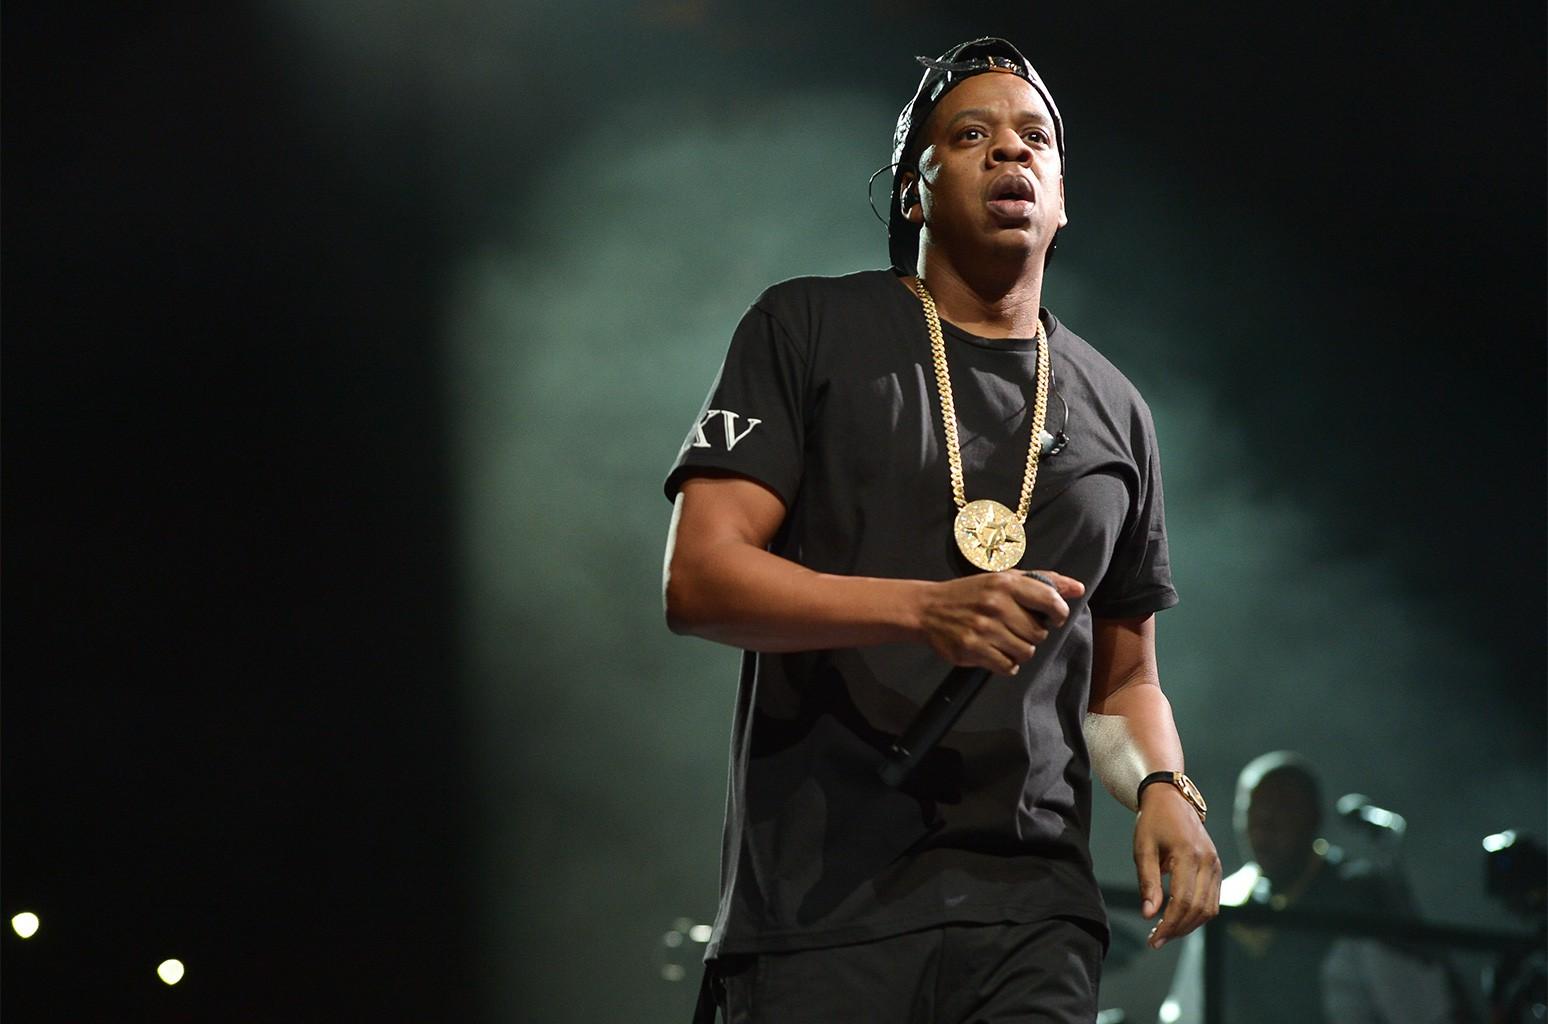 9 khoảnh khắc được dân tình 'hóng' nhất tại Grammy 2018 9 khoảnh khắc được dân tình 'hóng' nhất tại Grammy 2018